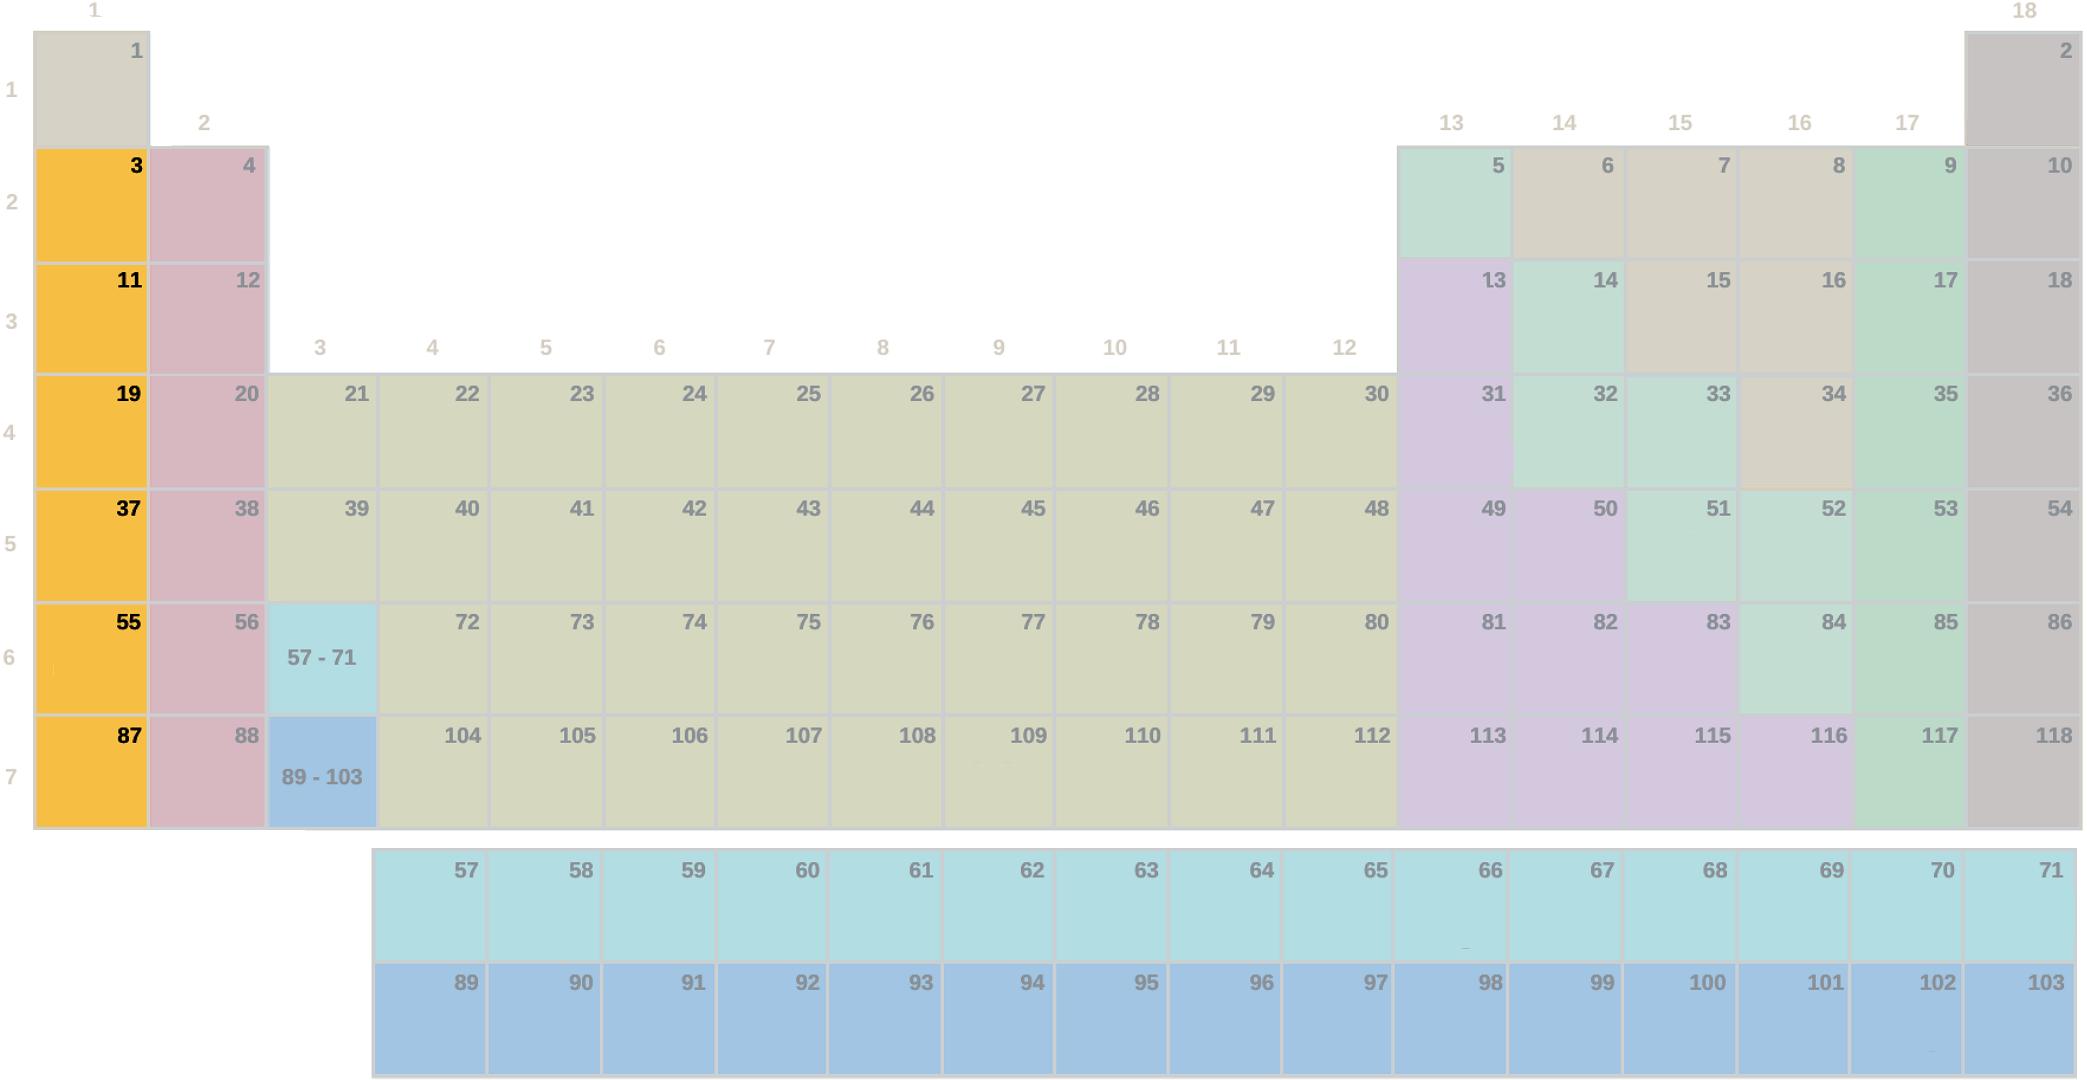 Taula periodikoa, sinbolorik gabeko talde lurralkalinoak (Bigarren Hezkuntza - Batxilergoa)